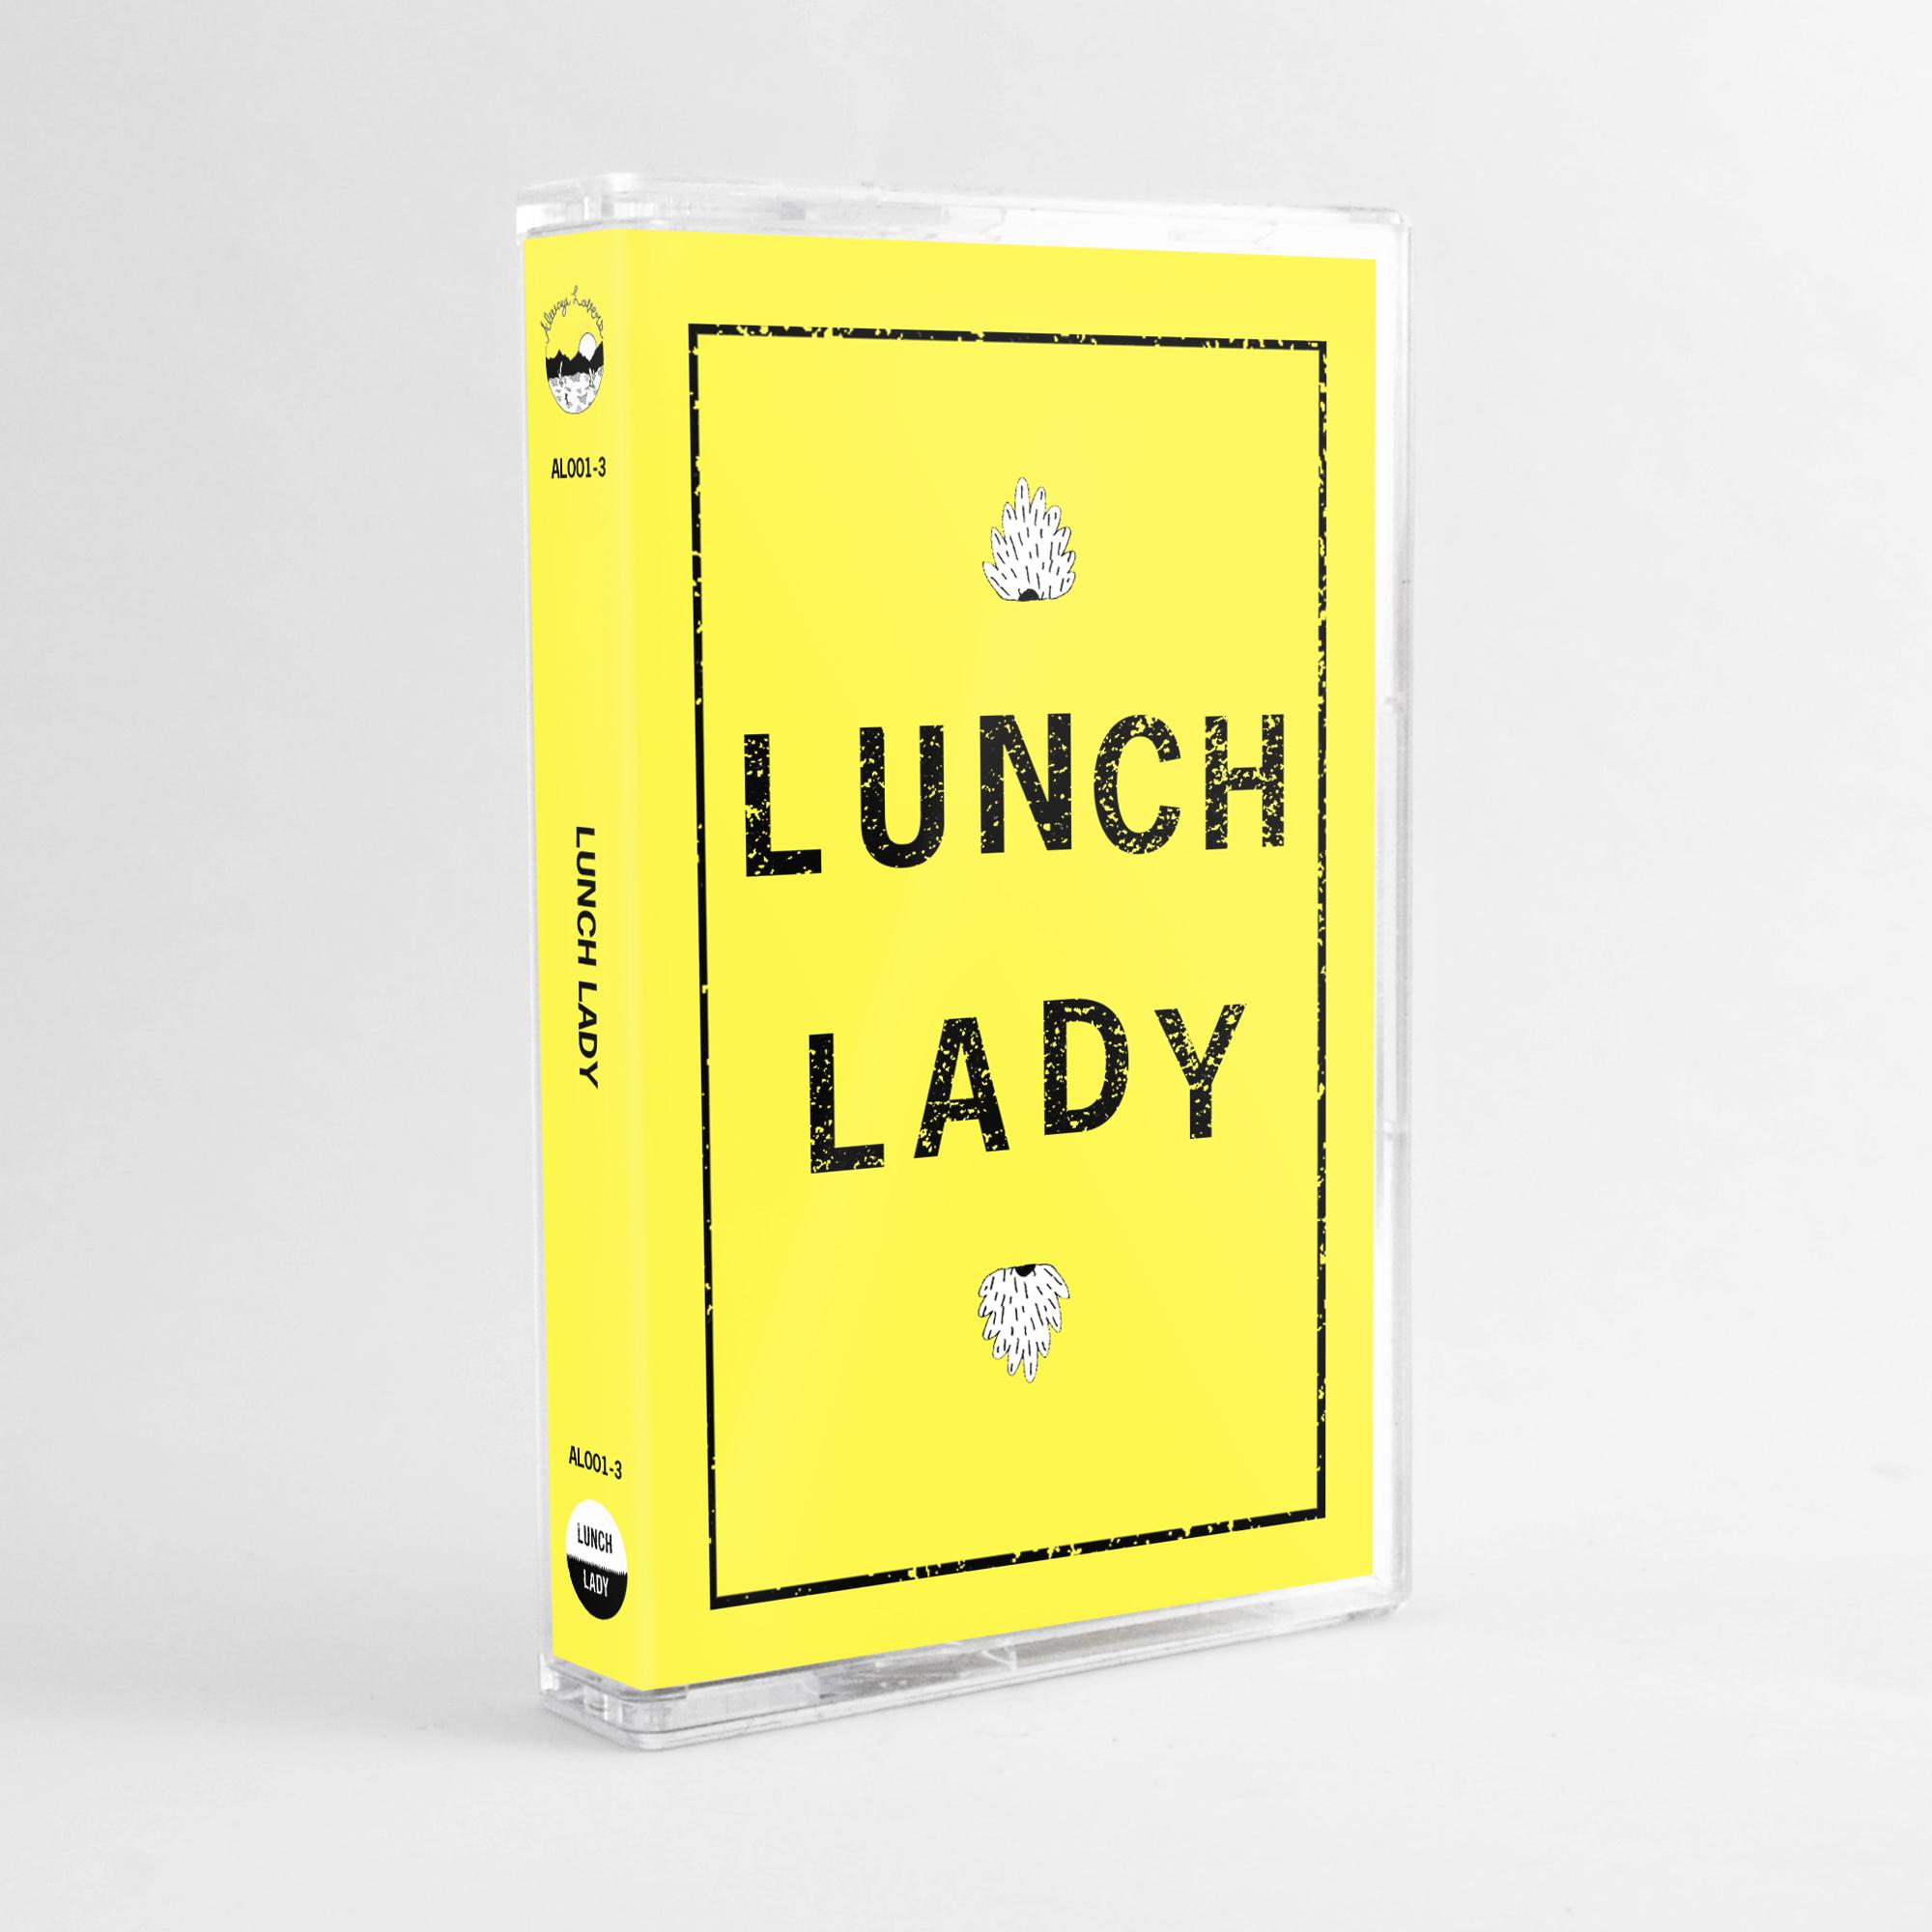 Lunch Lady - Demos